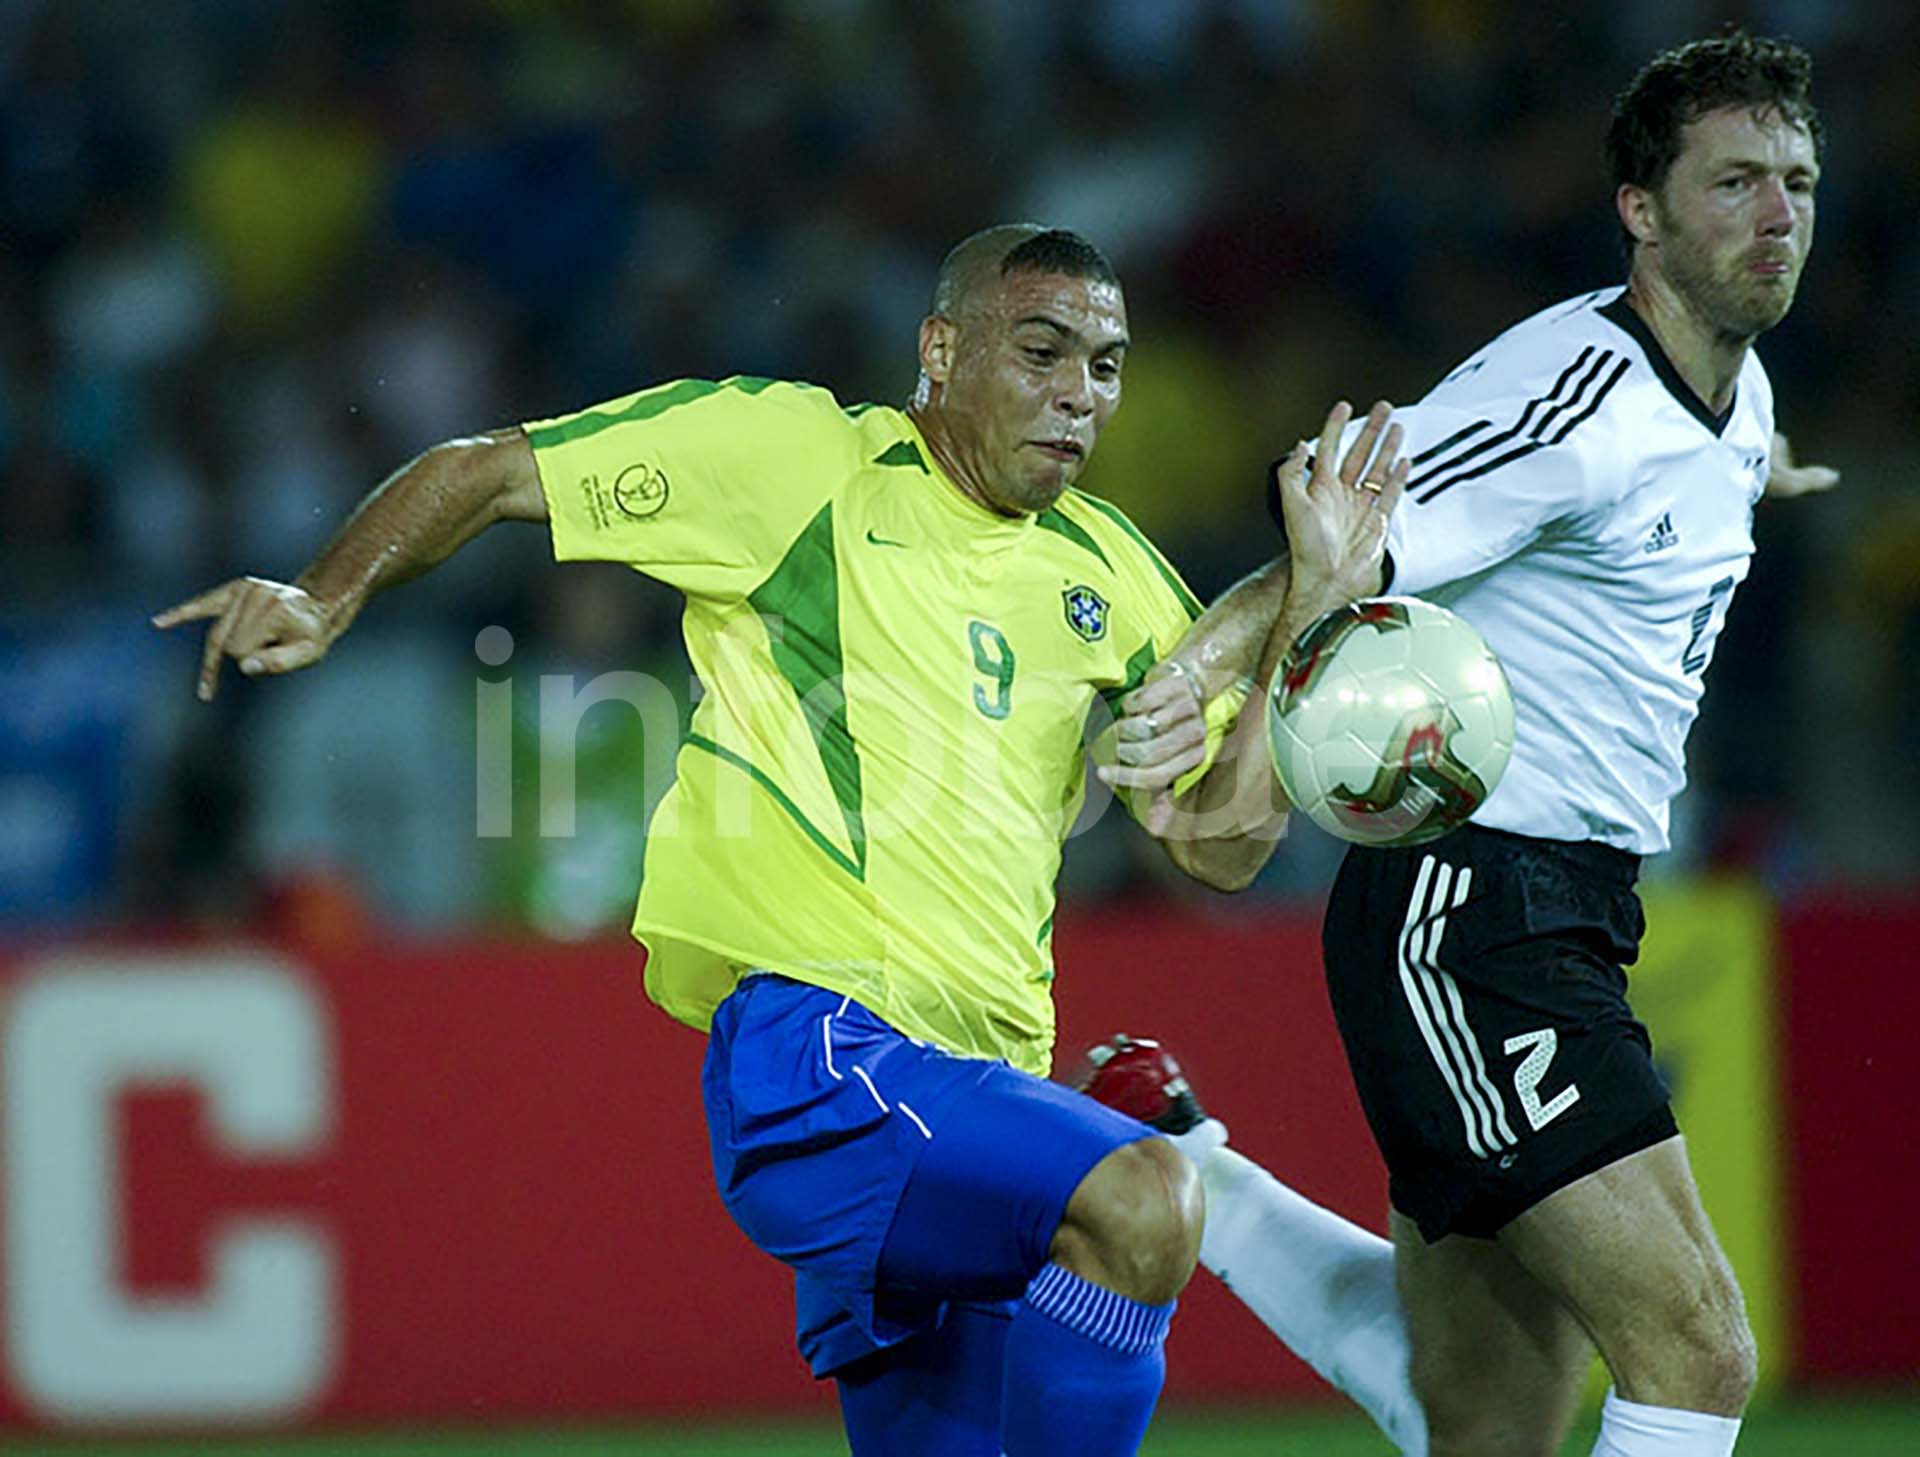 El brasileño Ronaldo fue una de las figuras en el equipo de Brasil que se coronó campeón del Mundial de Corea-Japón 2002 tras vencer a Alemania en la final